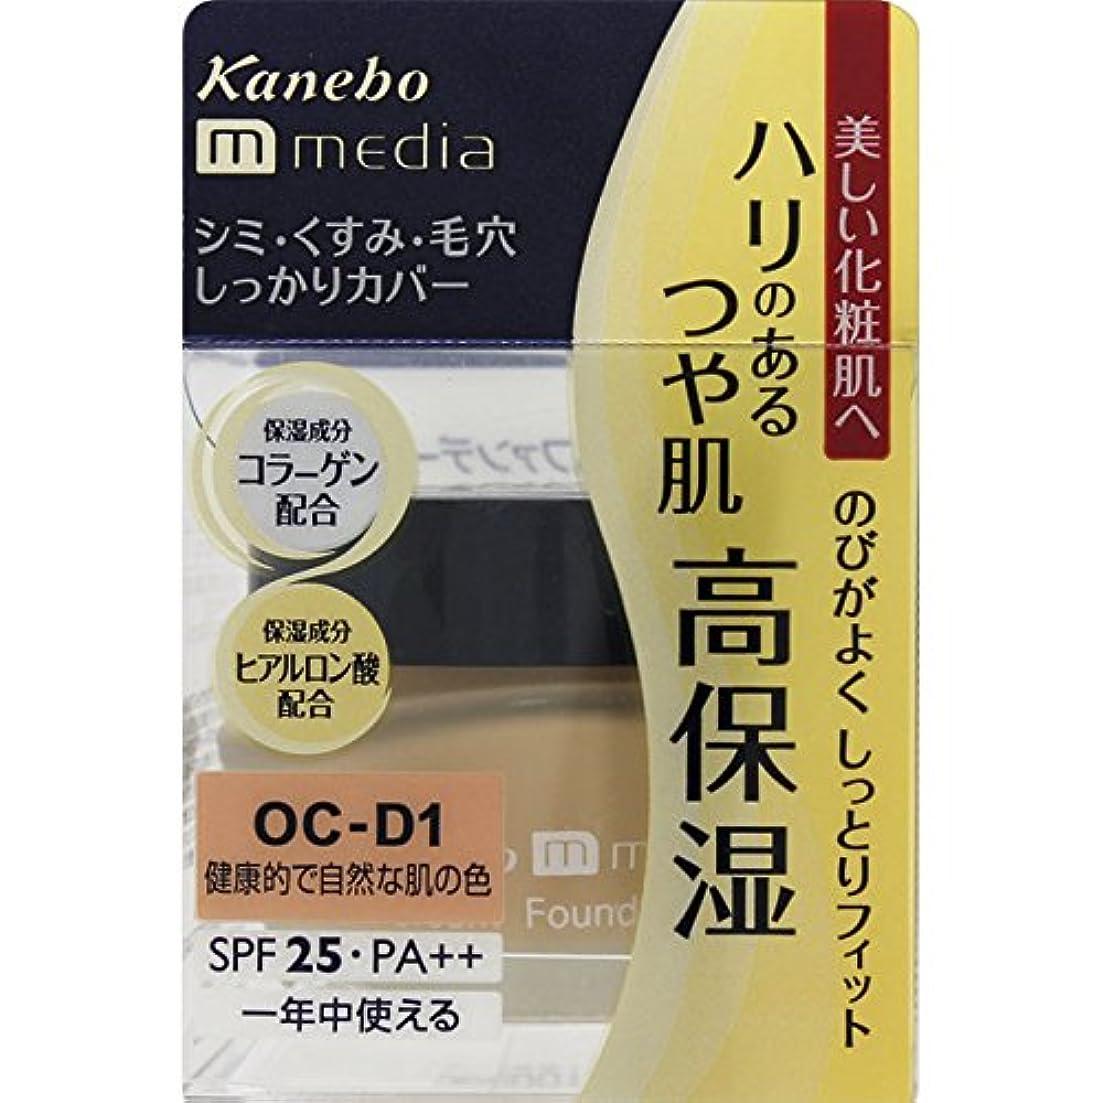 精神医学レジ東カネボウ化粧品 メディア クリームファンデーション 健康的で自然な肌の色 OC-D1